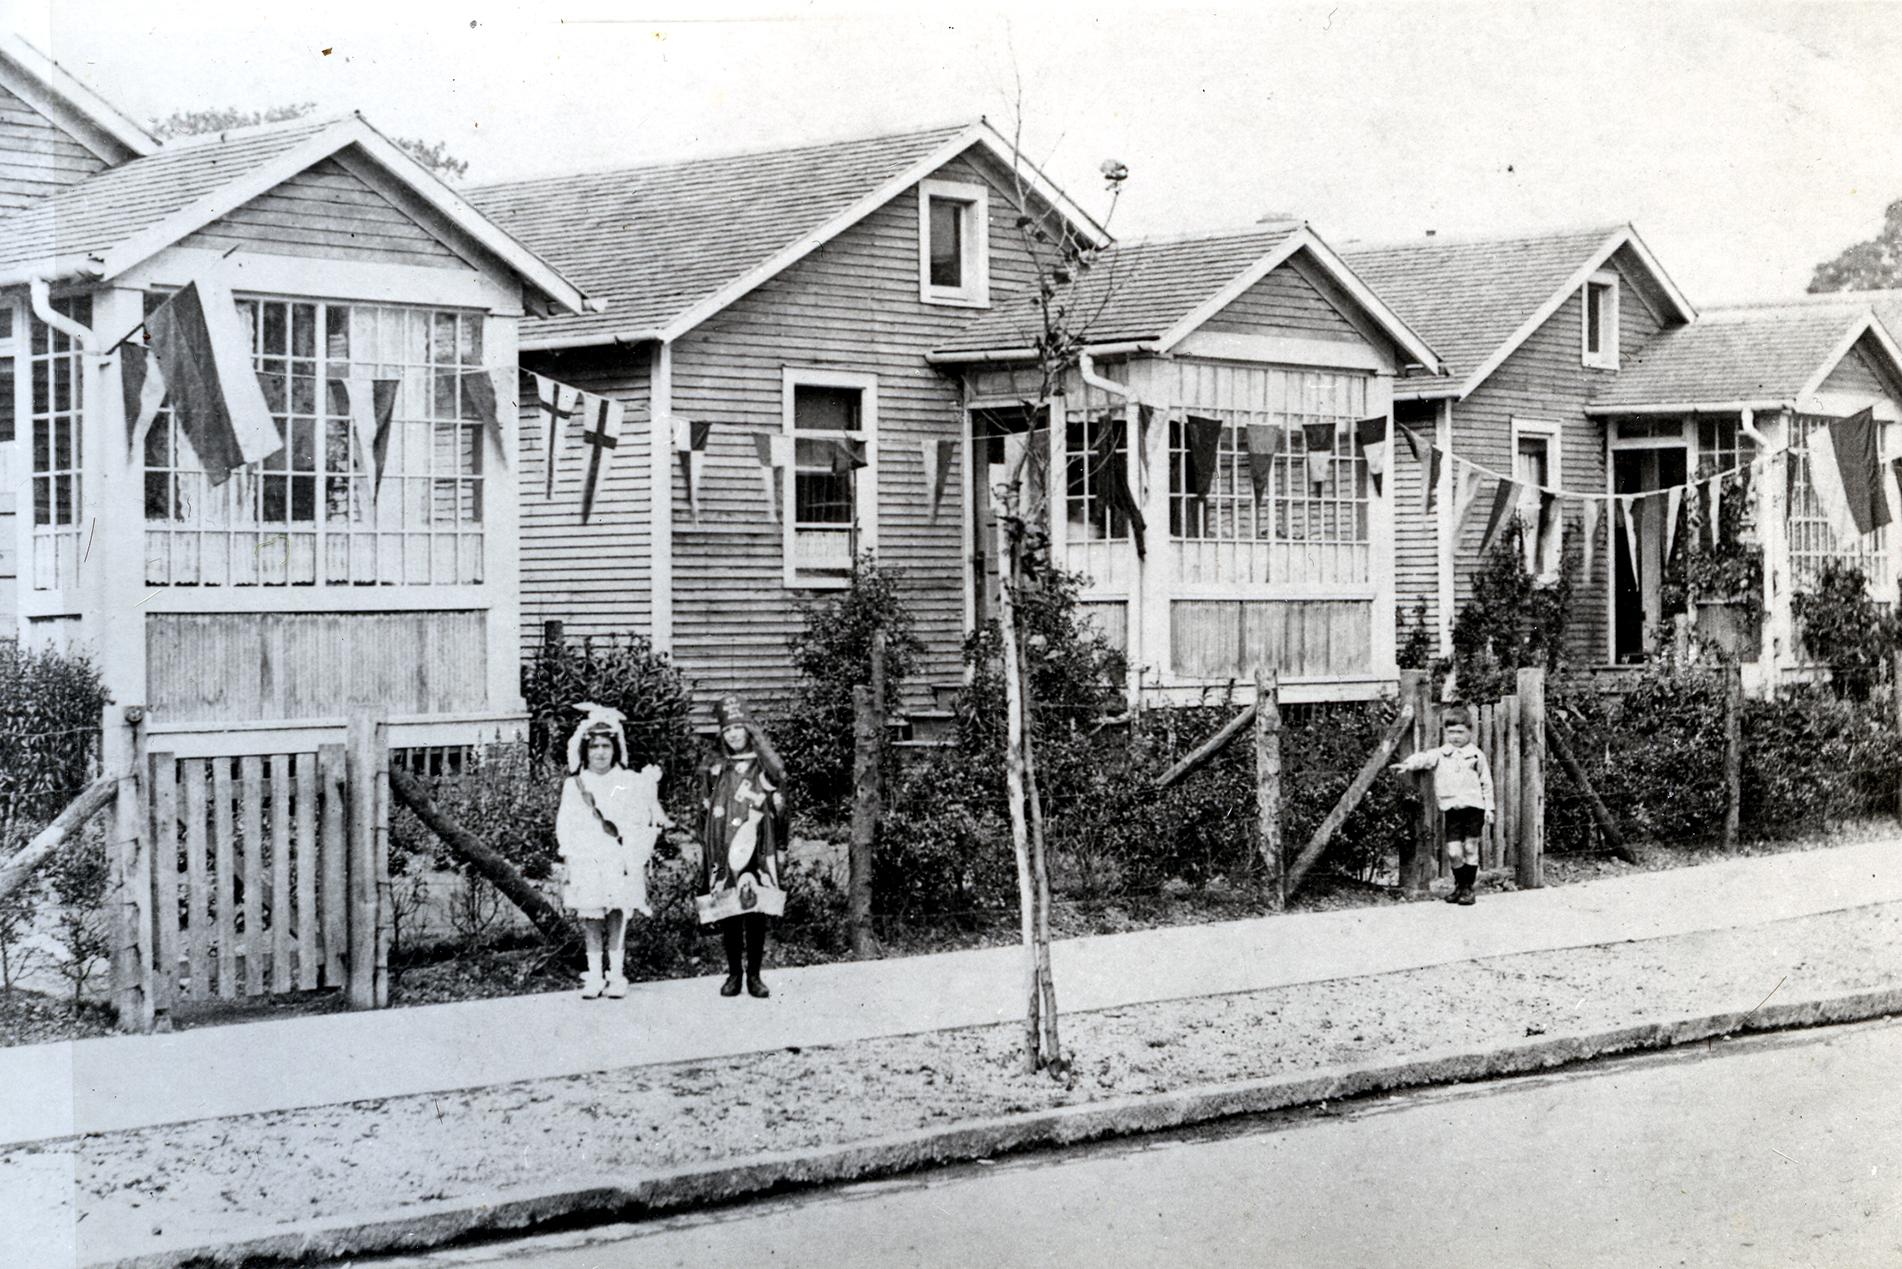 c. 1920s